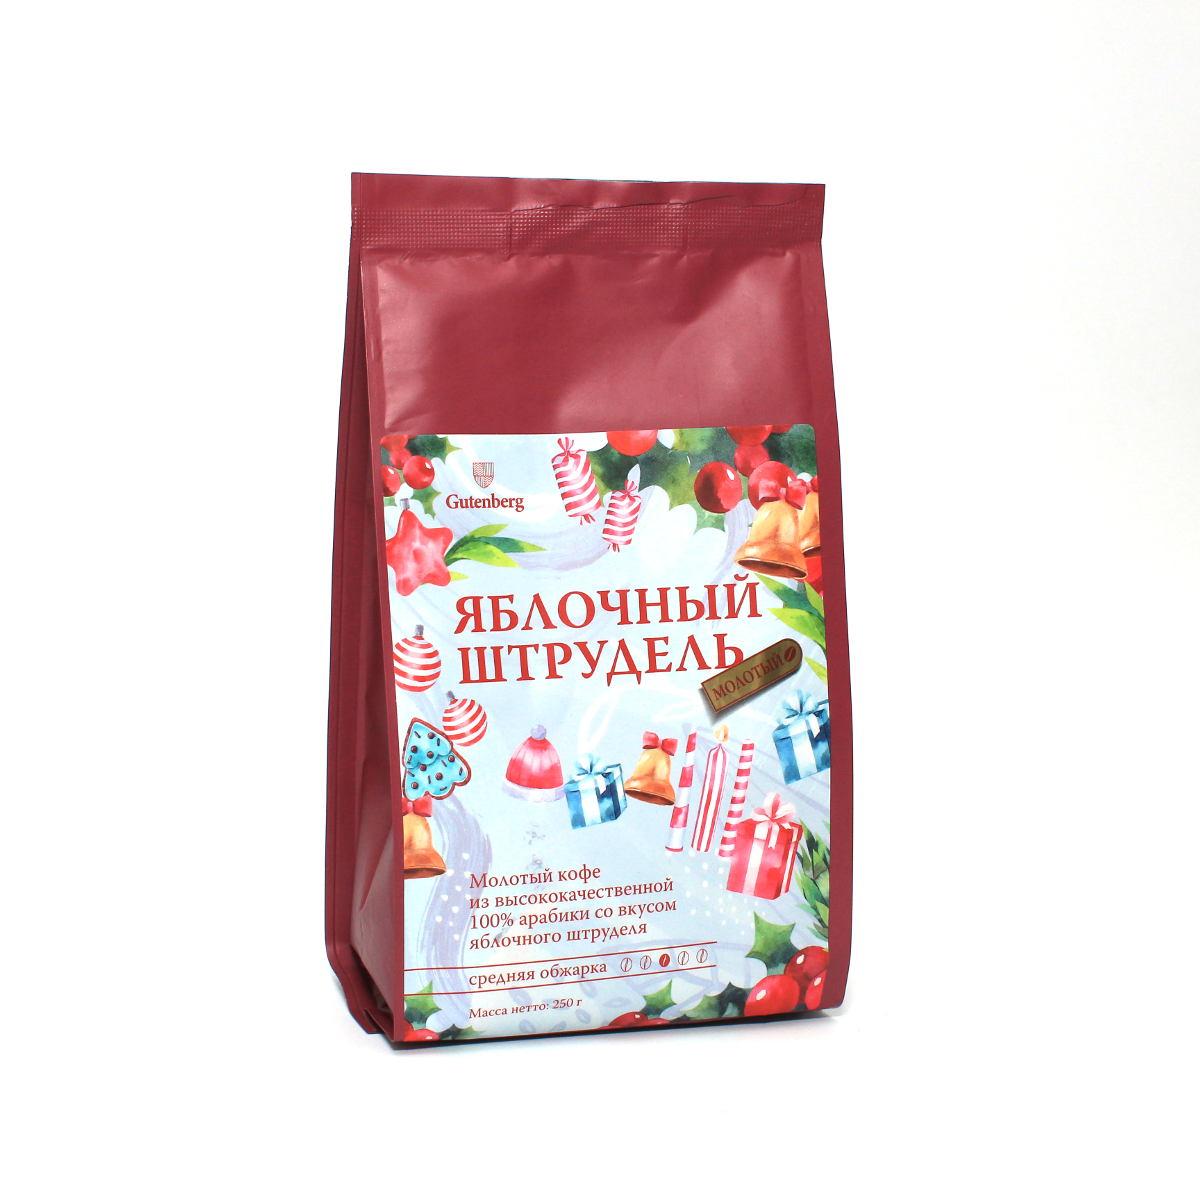 Кофе молотый ароматизированный Яблочный Штрудель, уп. 250 г от 101 Чай